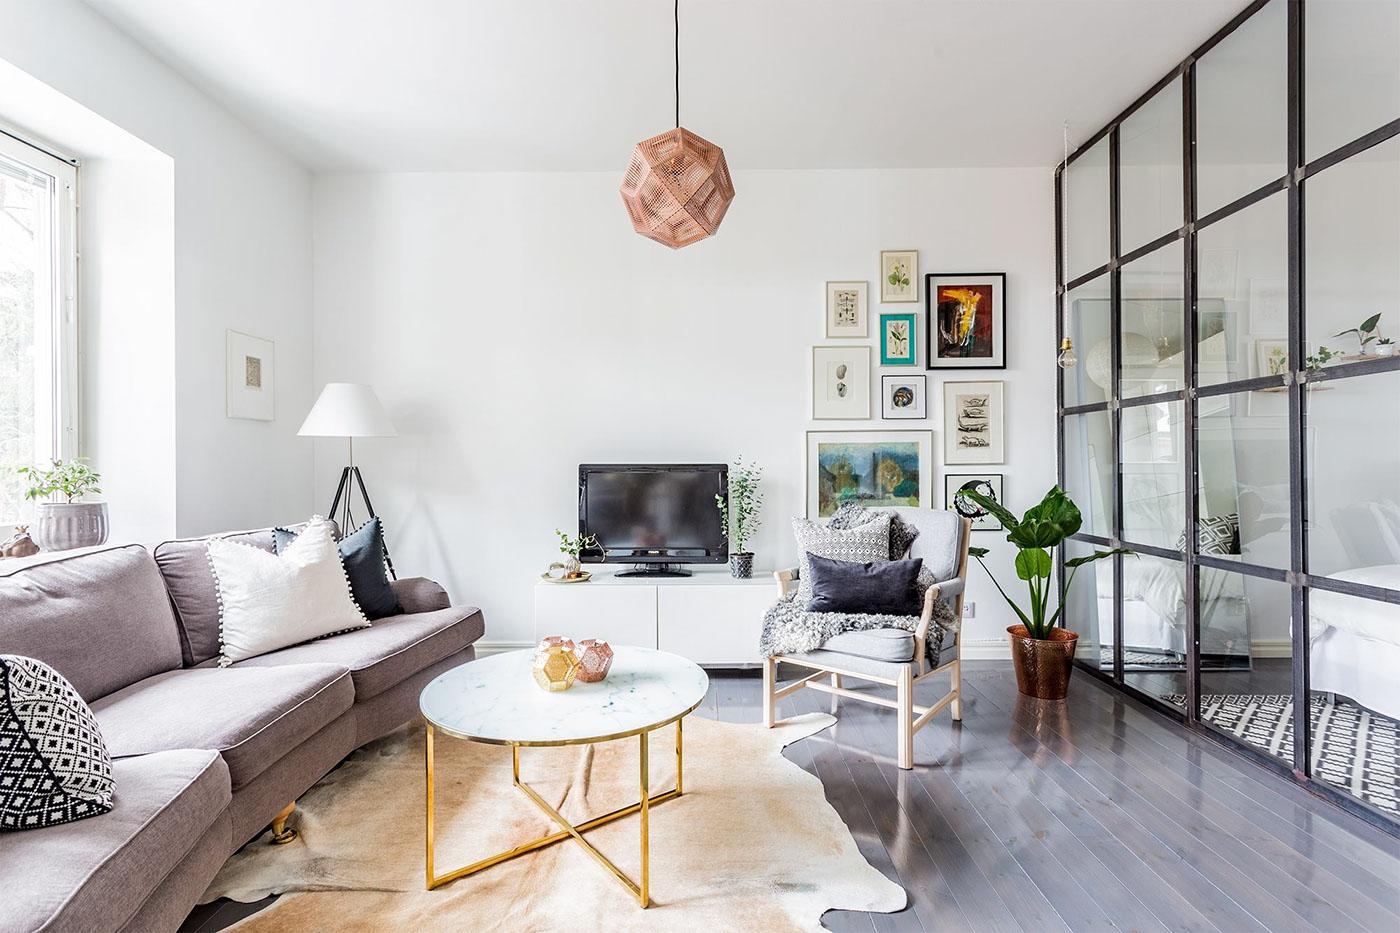 modele de salon cocooning, canapé mauve, tapis de peau animale, chaise en bois, table basse plateau en marbre, murs de cadres decoratifs